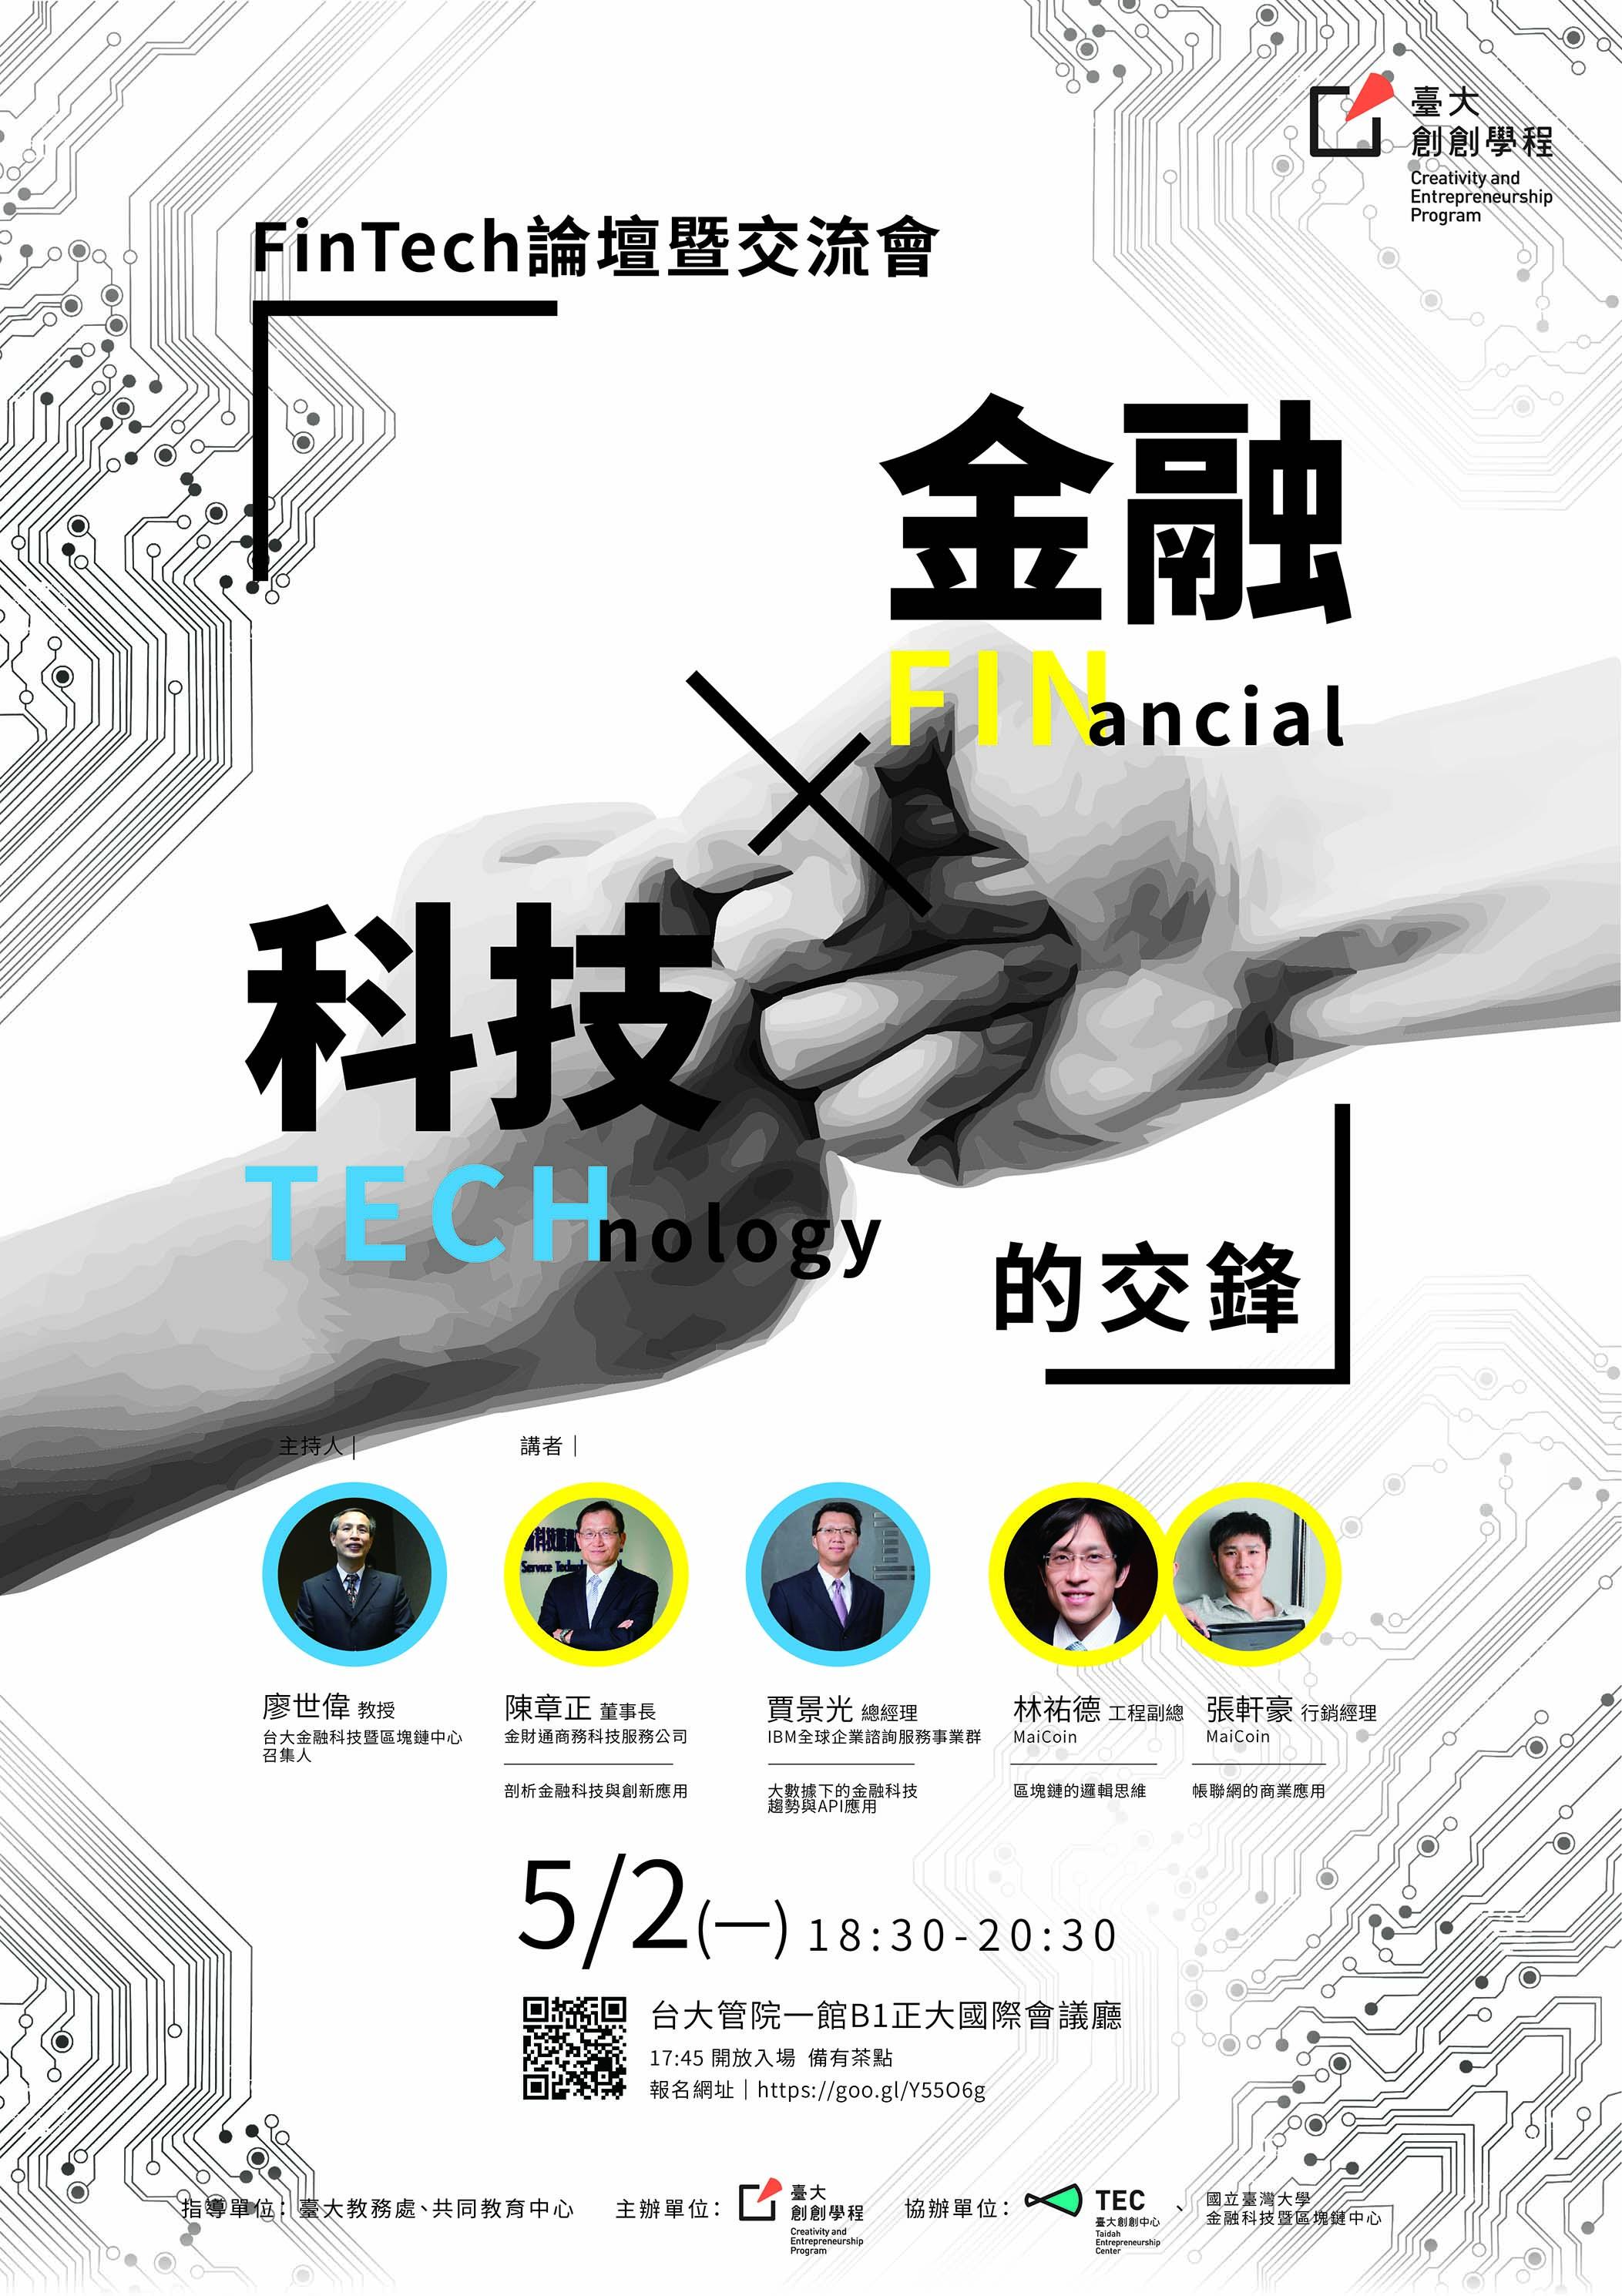 FinTech 論壇